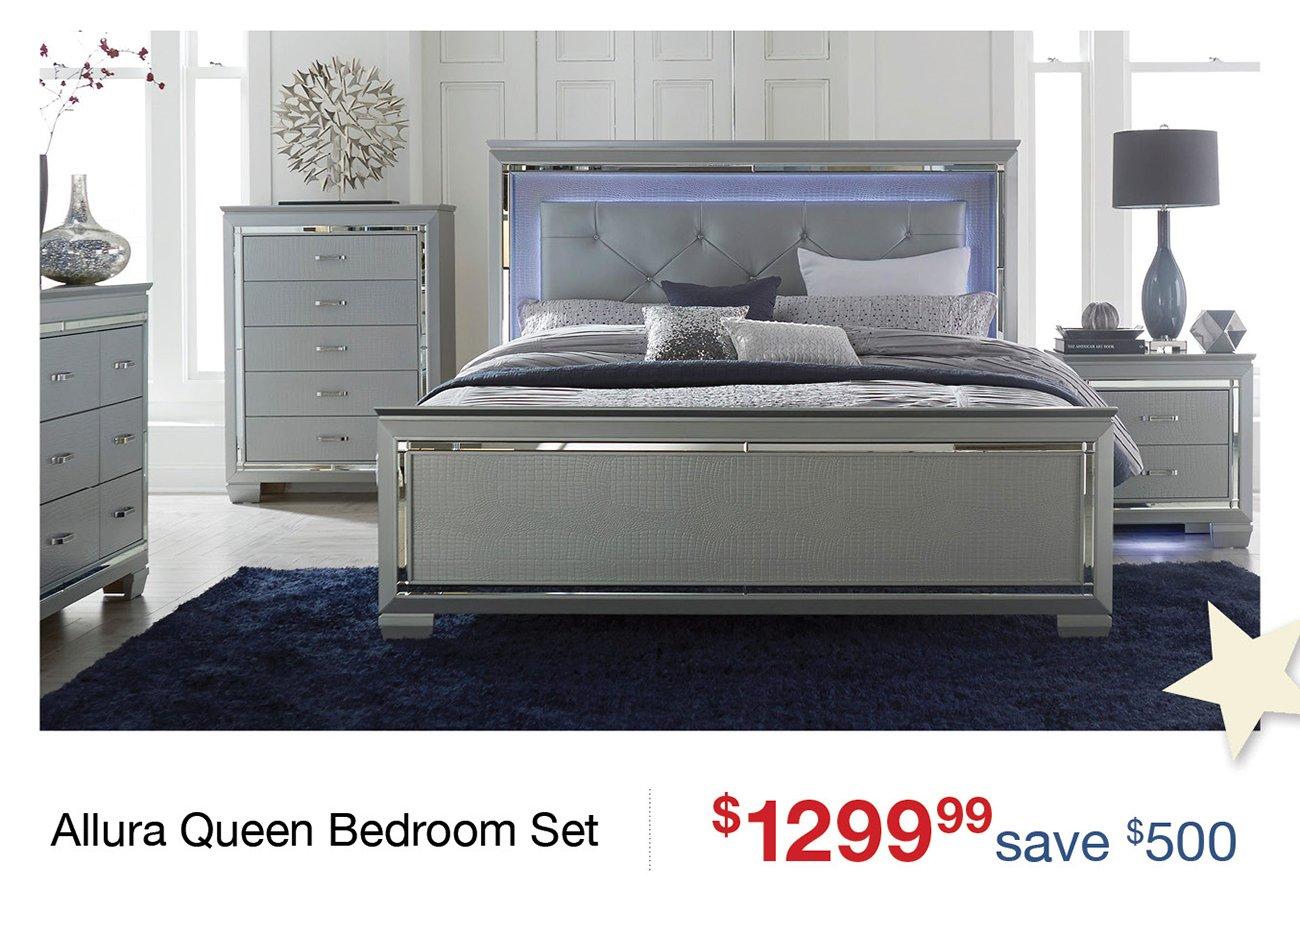 Allura-queen-bedroom-set